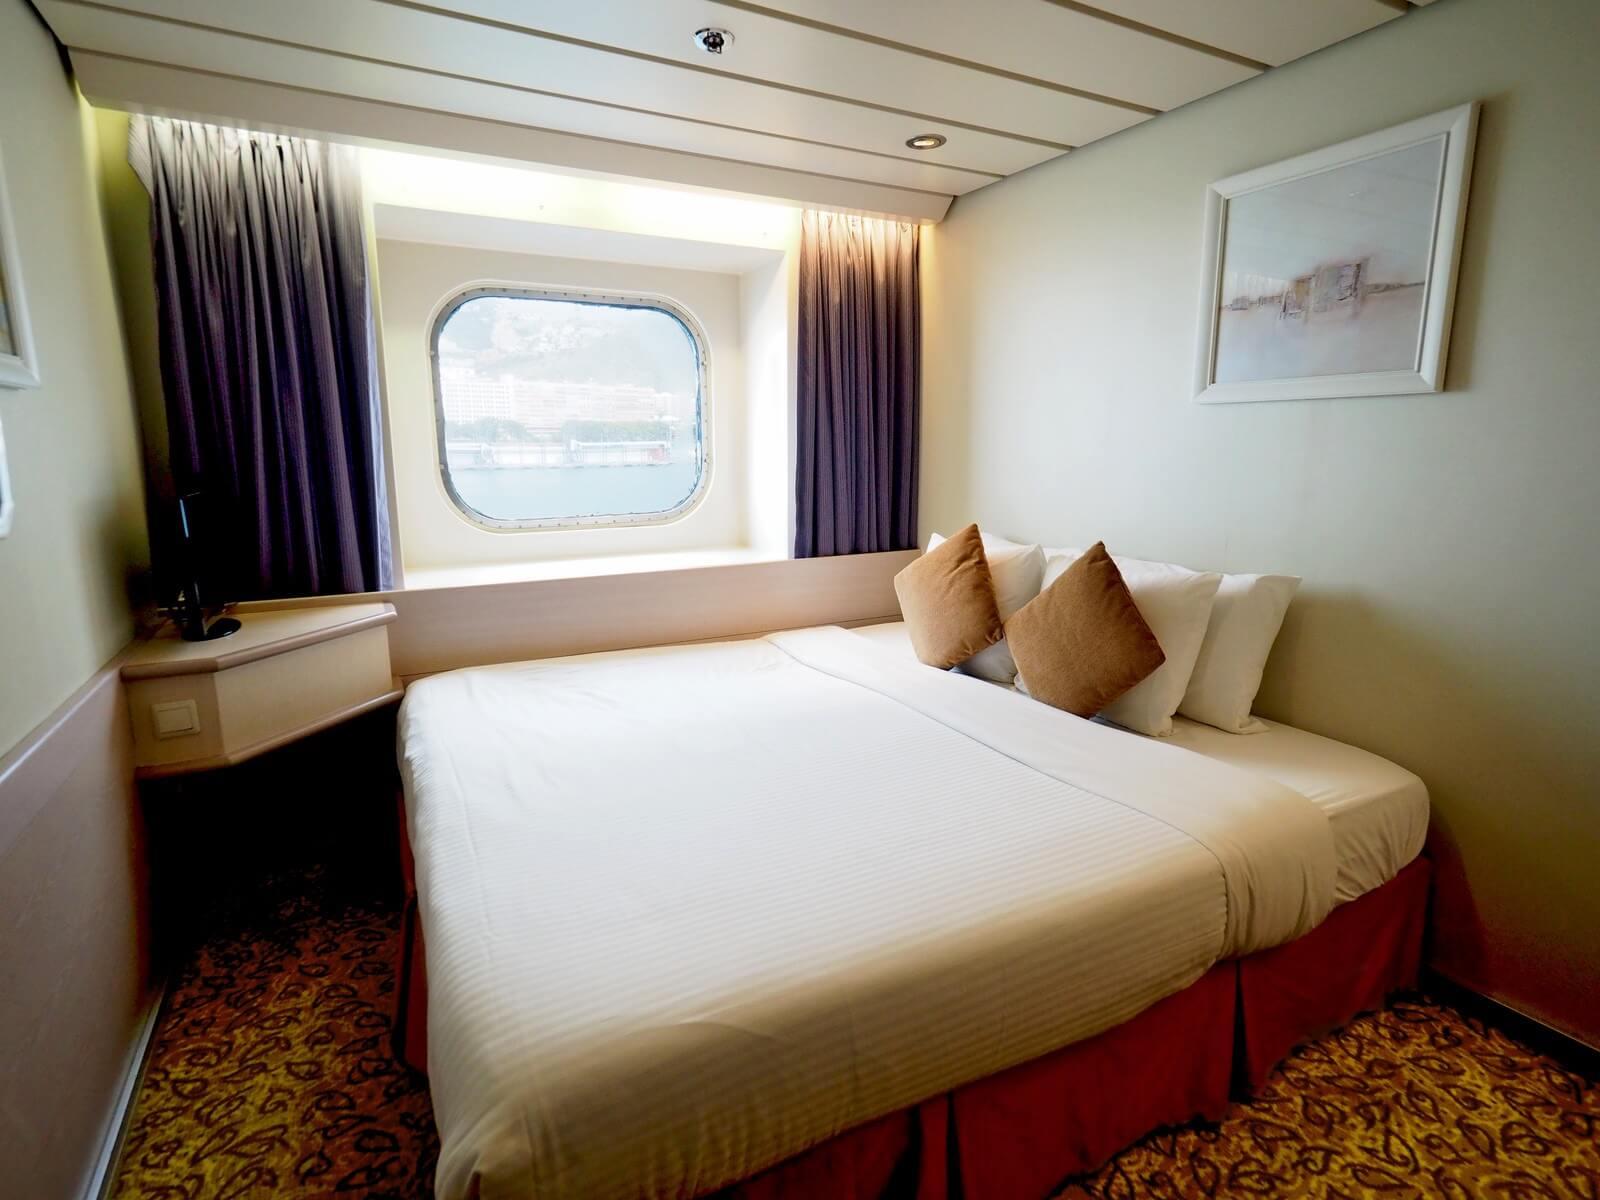 ピースボートプレミアム 客室 シングルタイプ